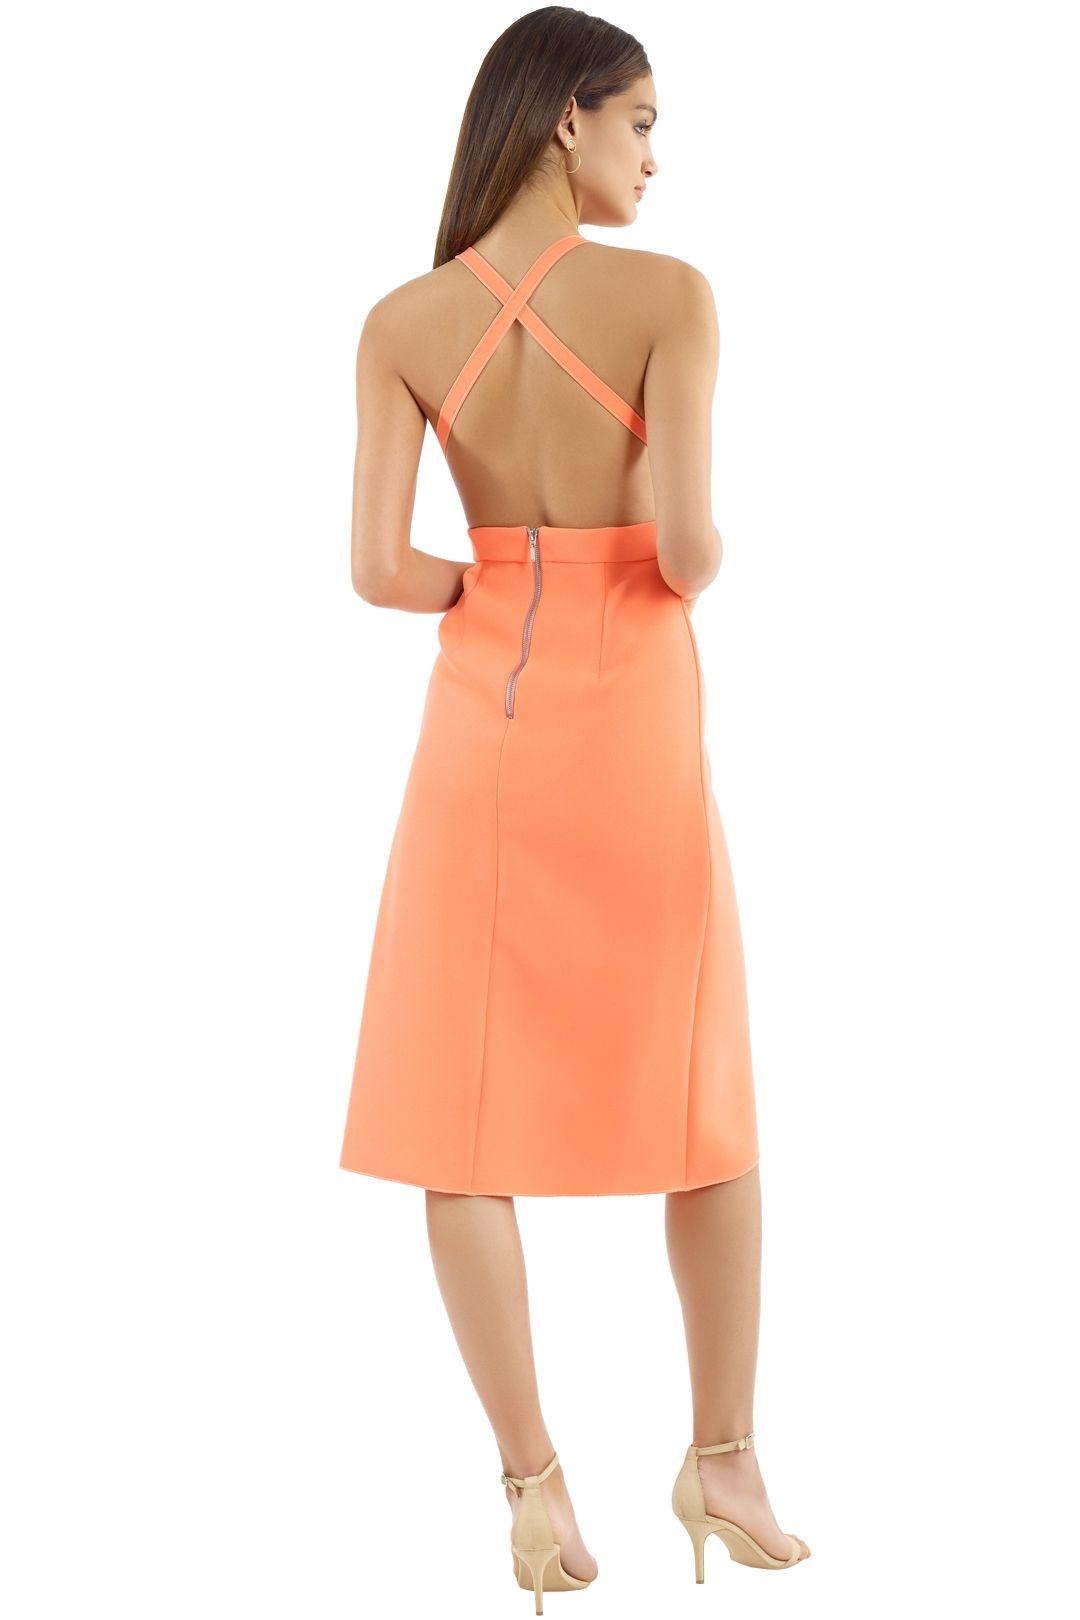 Yeojin Bae - Lilian Dress - Neon Orange - Back